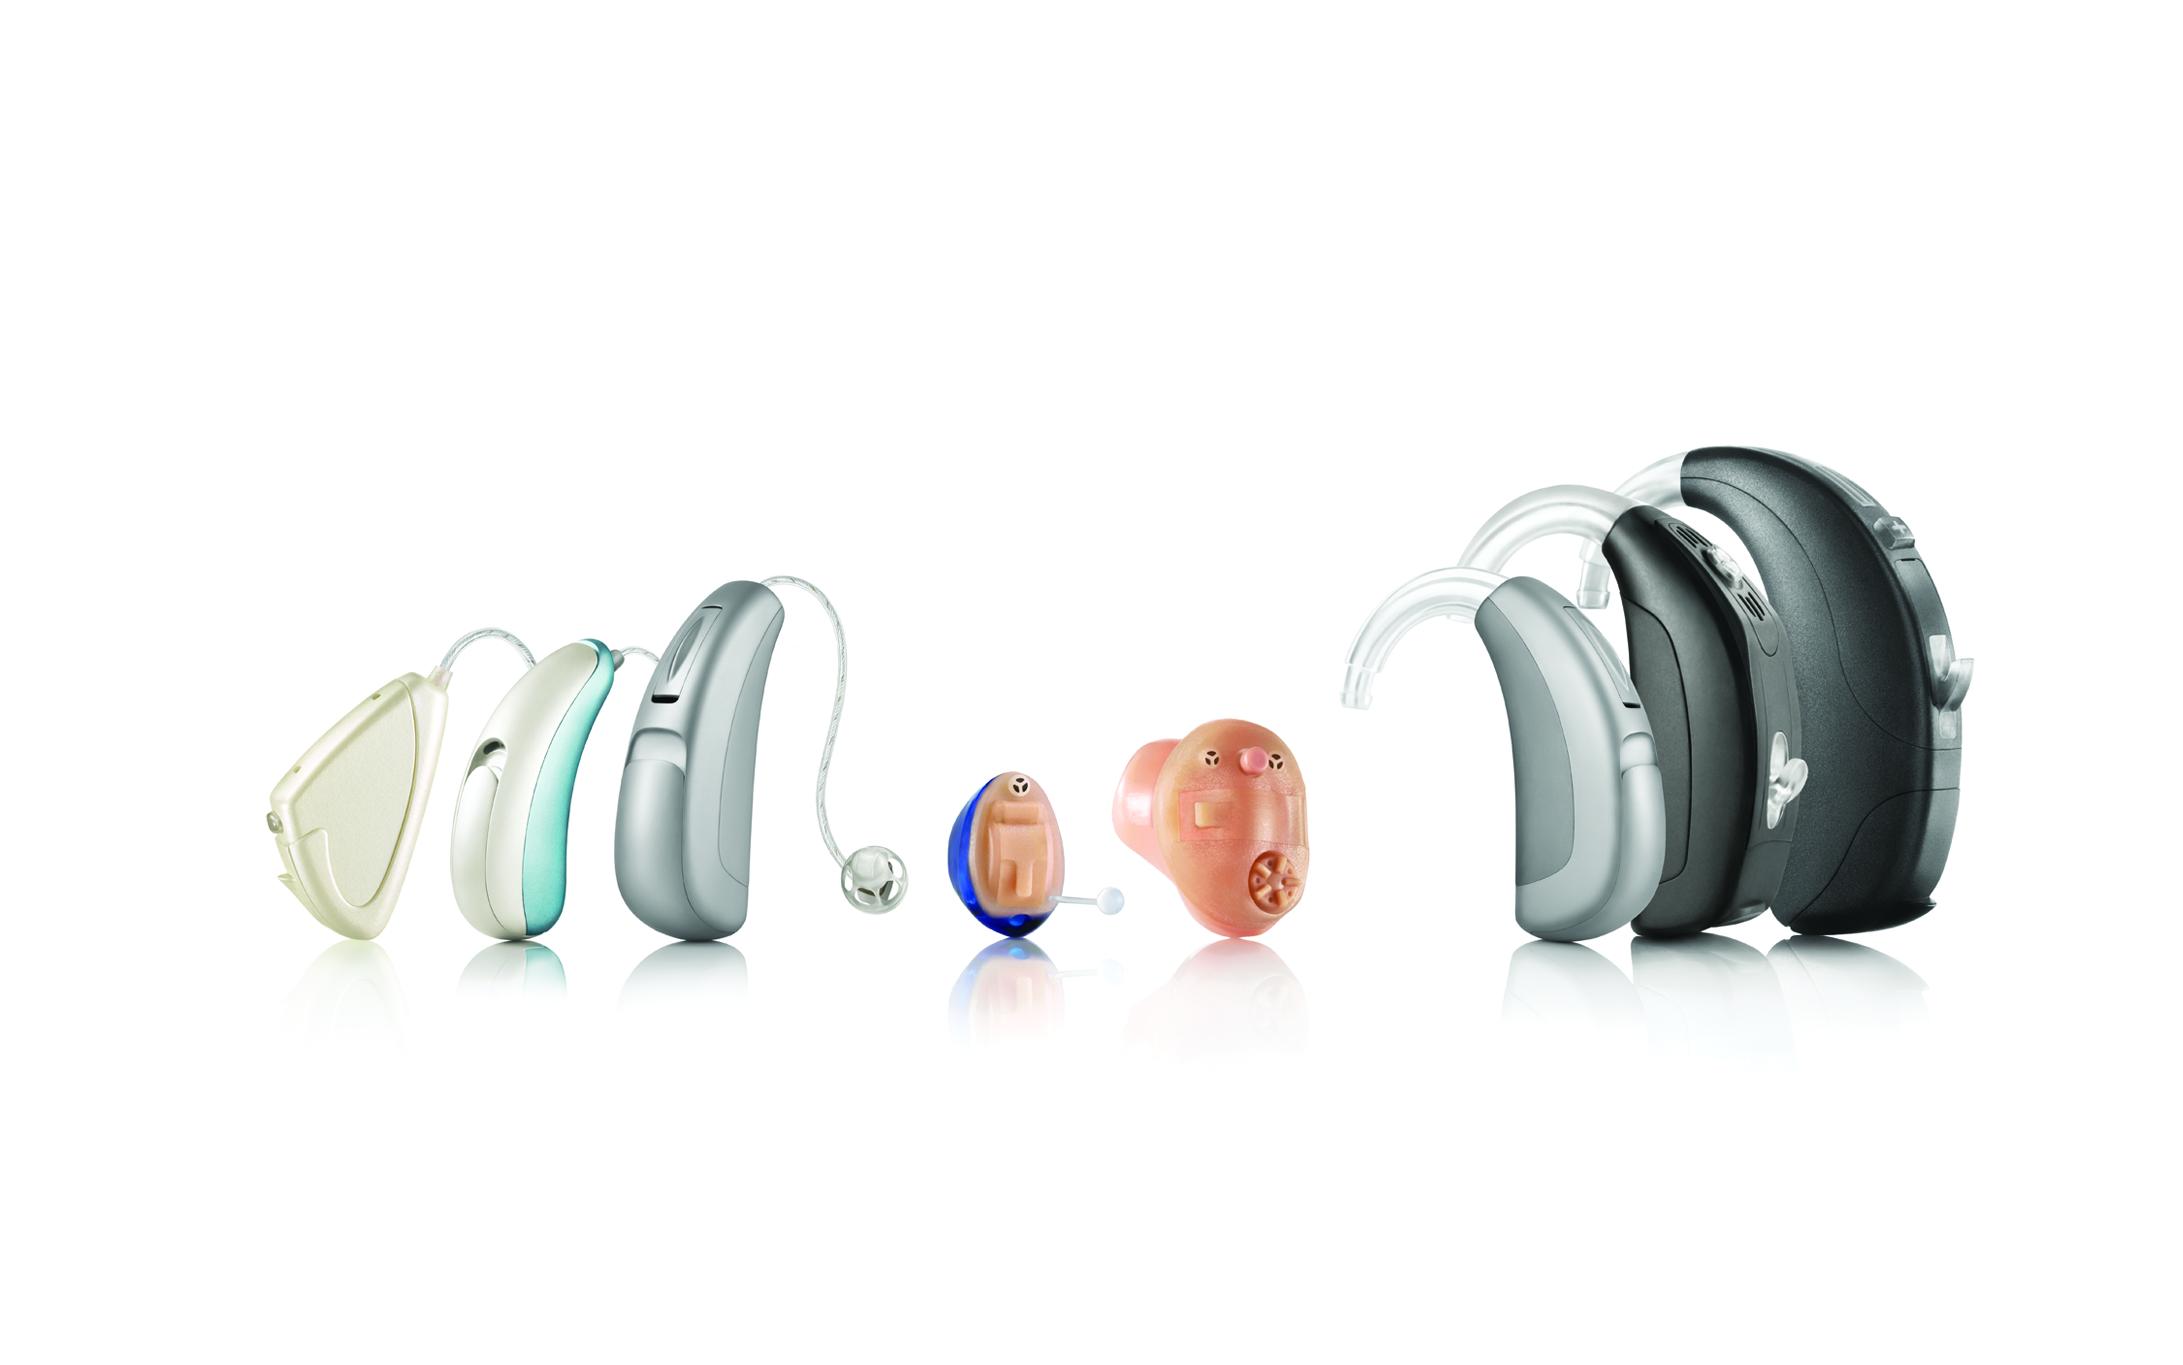 您所在的位置:首页>产品展示>加拿大优利康助听器            moxi2